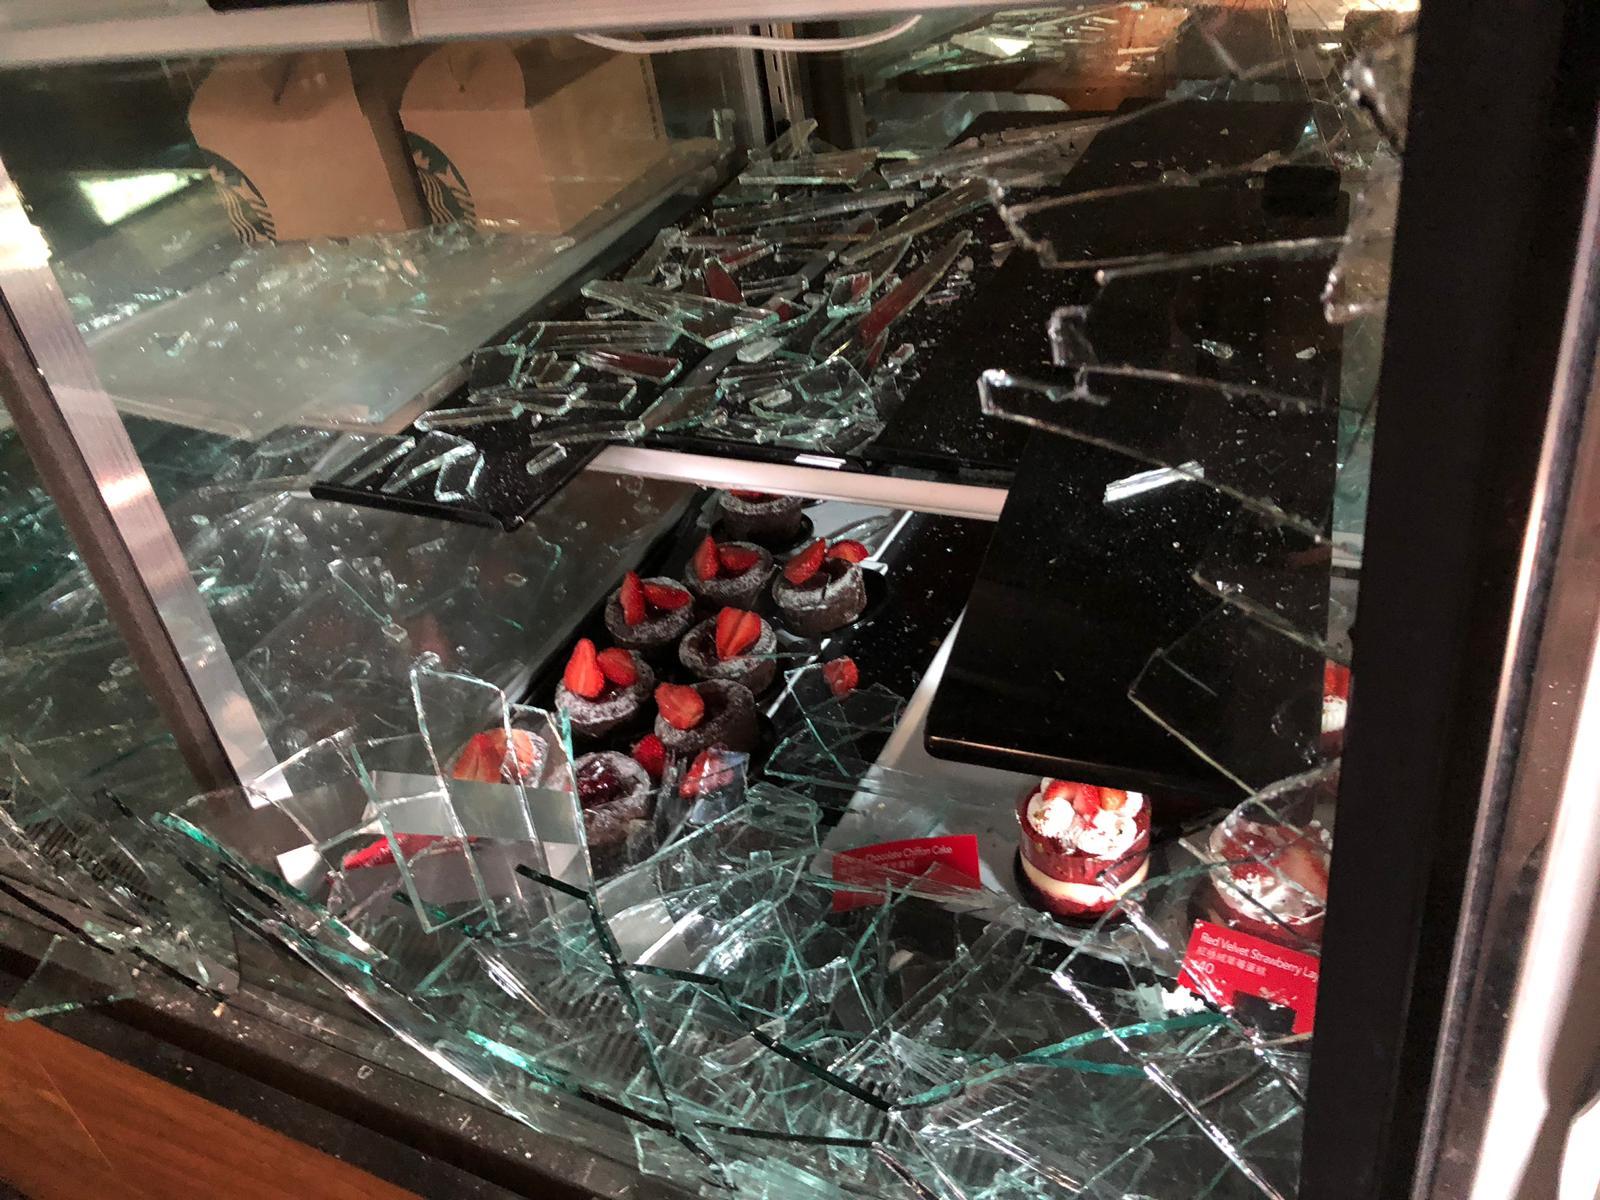 科大內的美心集團學生餐廳被破壞。